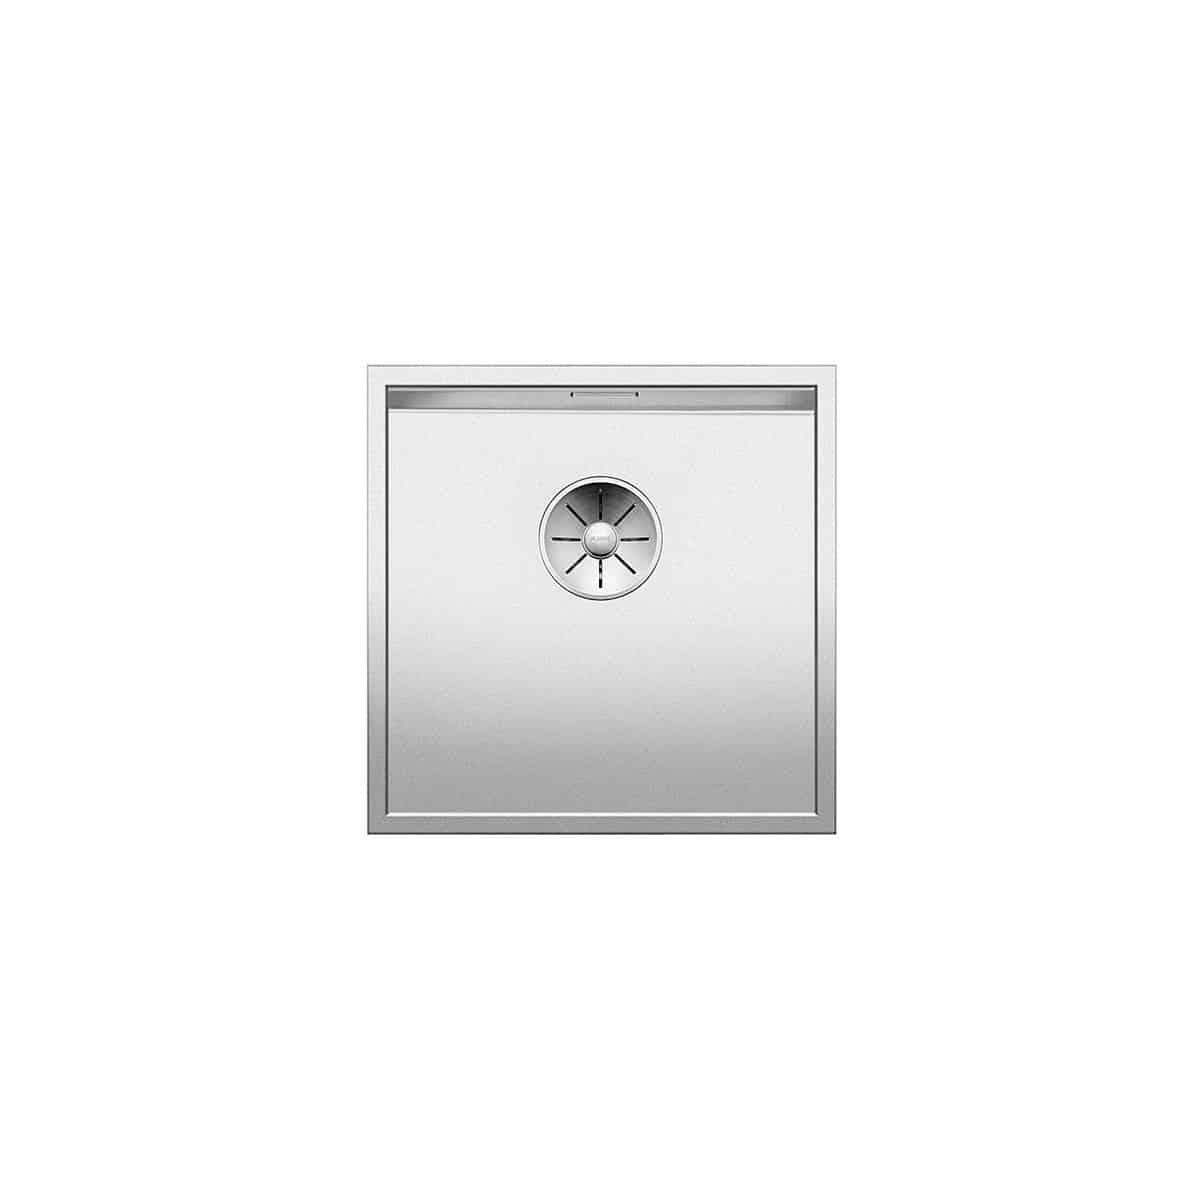 BLANCO ZEROX 400-U DURINOX - Inox Lisse